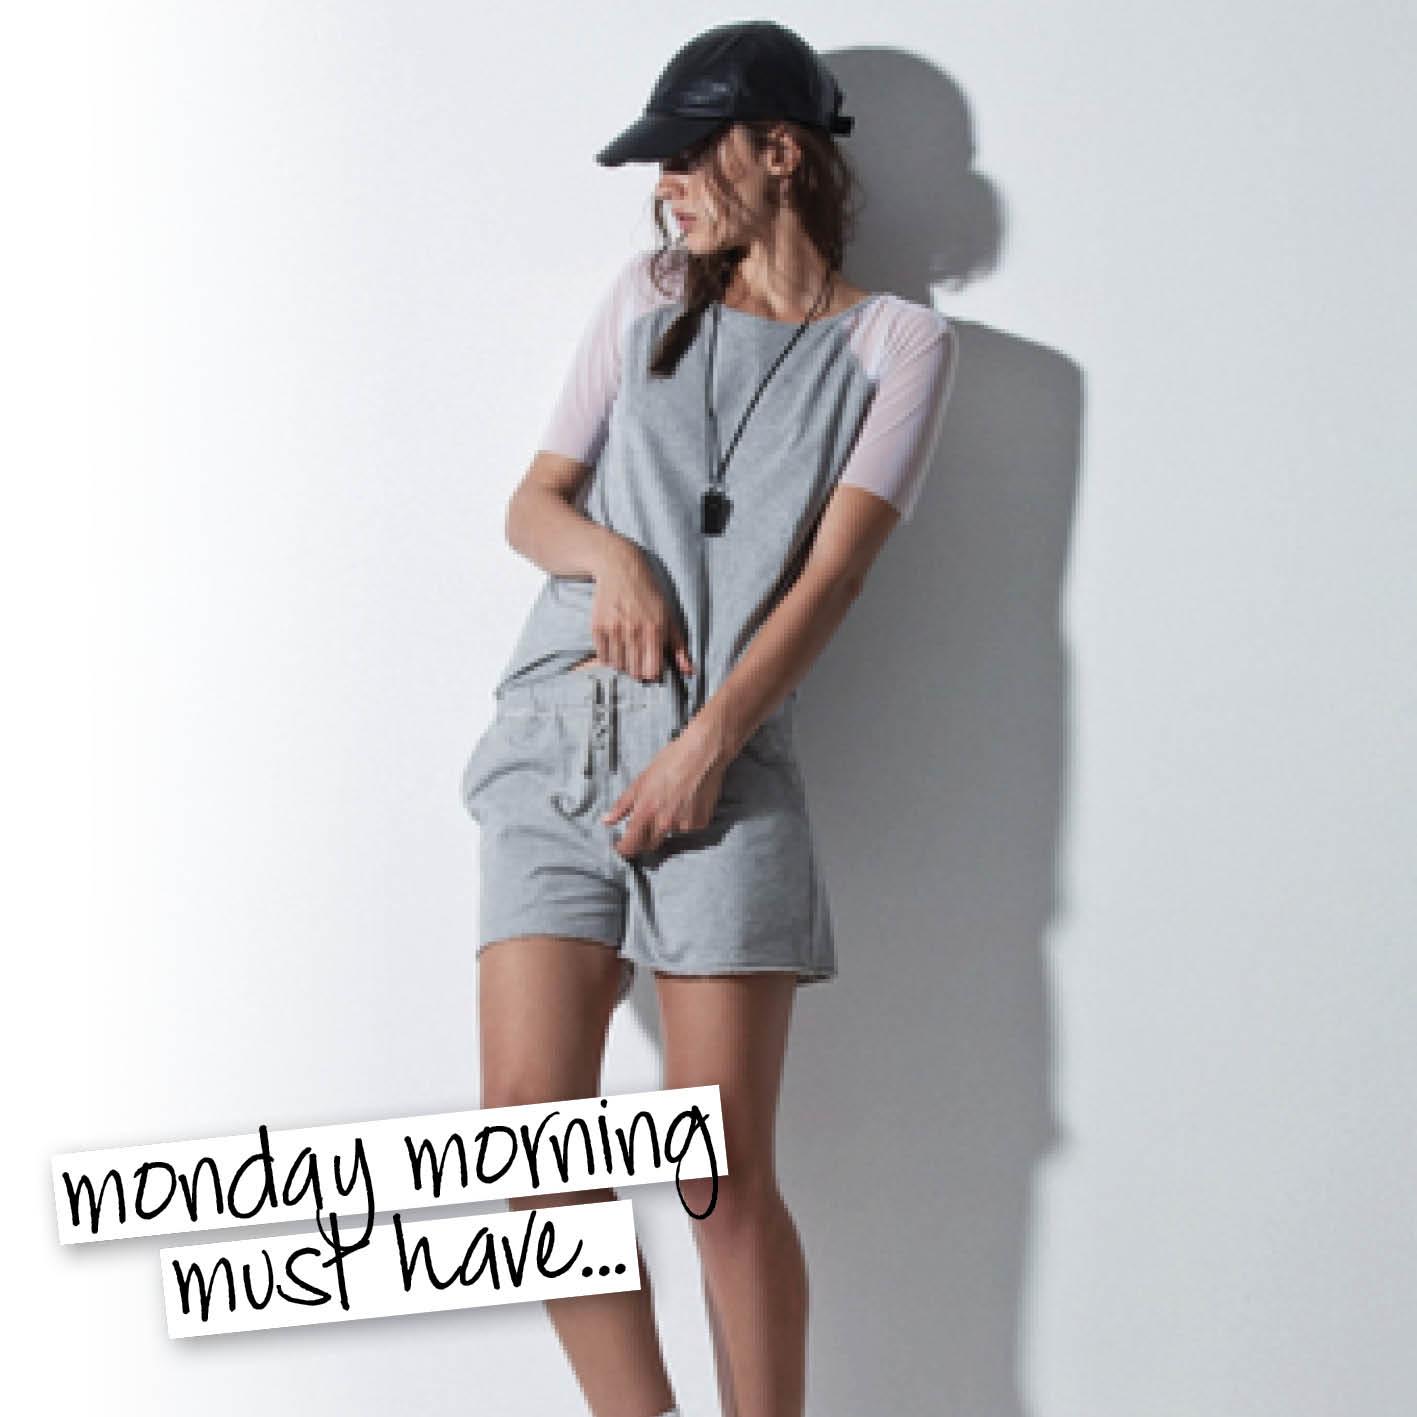 MondayAWang